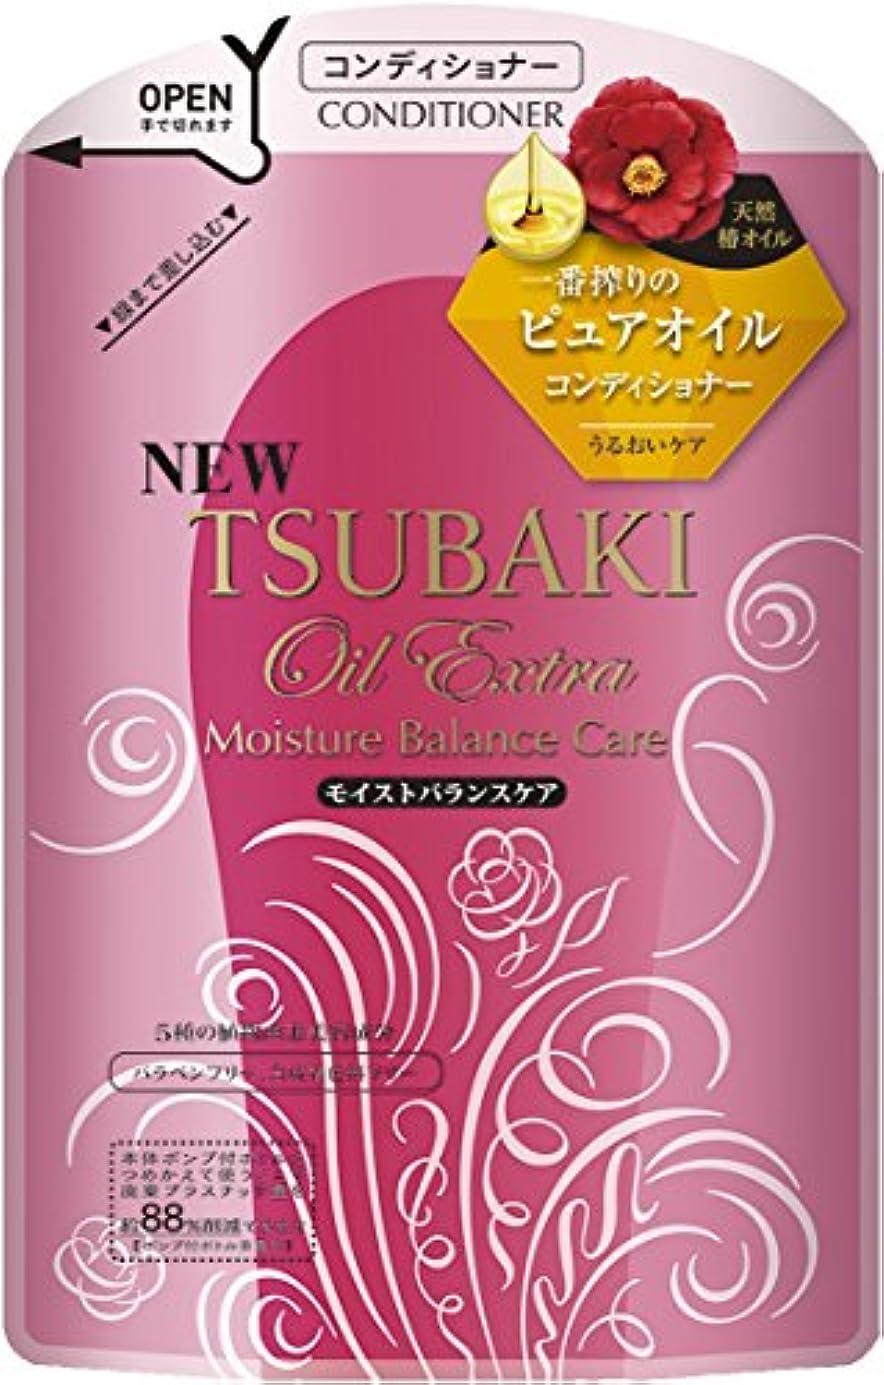 振動させる時々時々理想的にはTSUBAKI オイルエクストラ モイストバランスケア コンディショナー 詰め替え用 (うねる髪用) 330ml